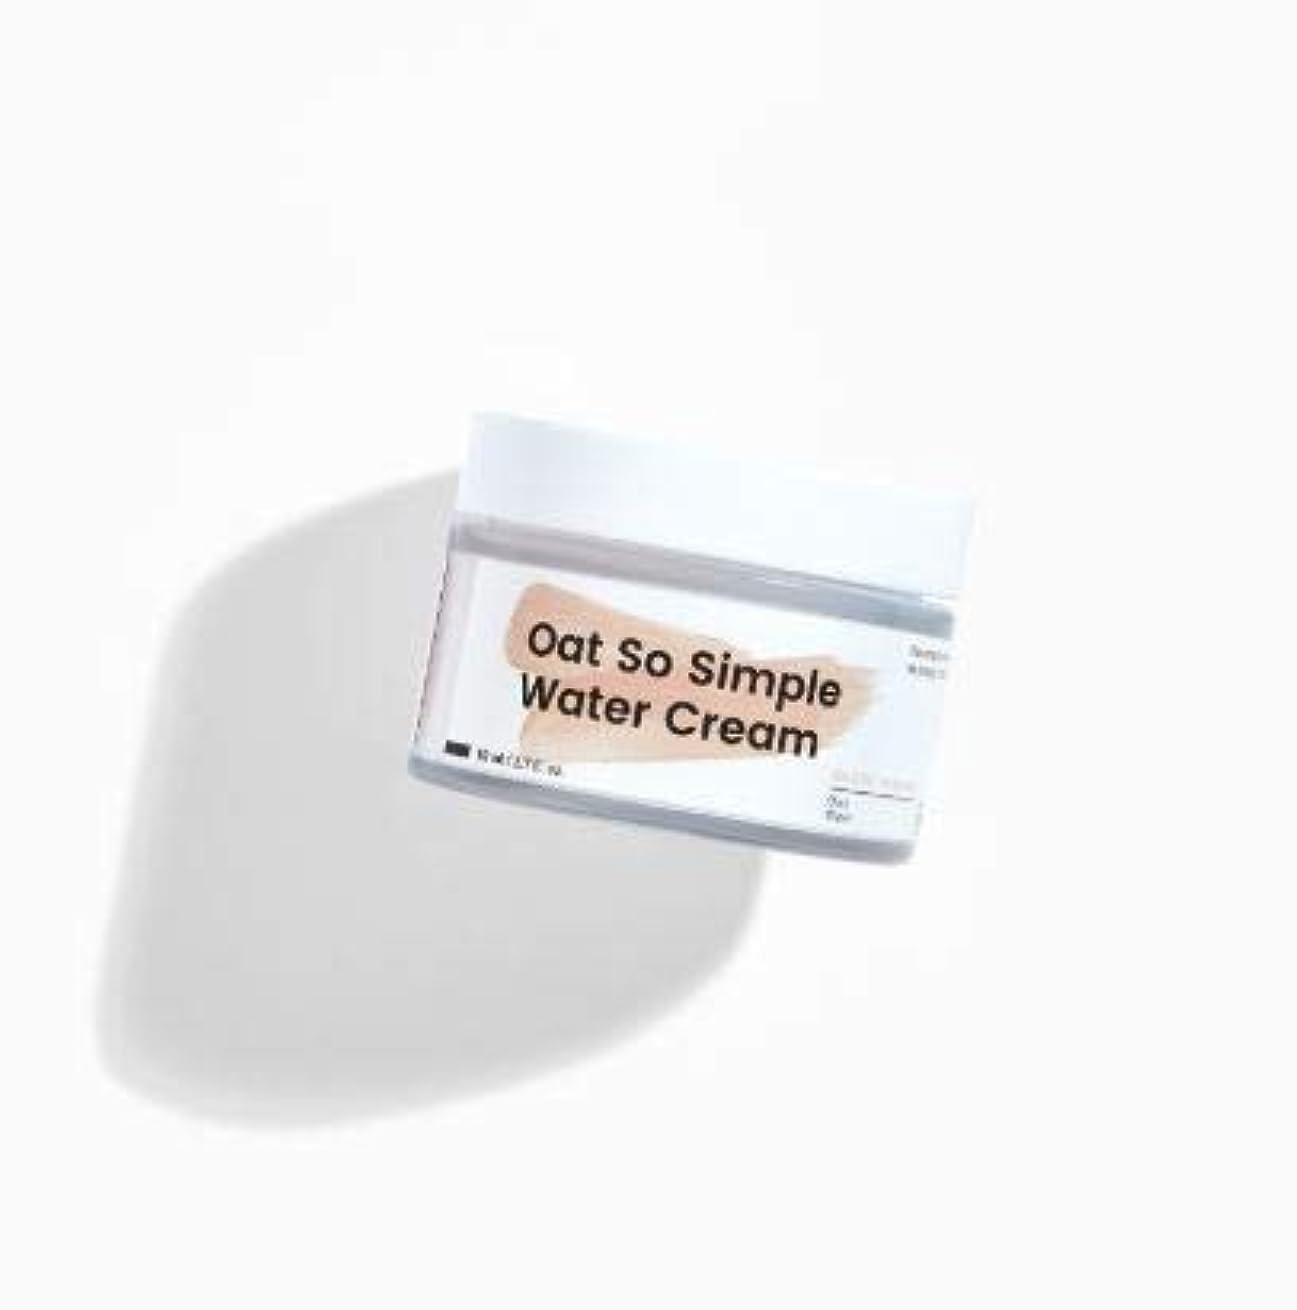 ケーブルカー悲しみ広告する[Krave] Oat So Simple Water Cream 80ml [並行輸入品]